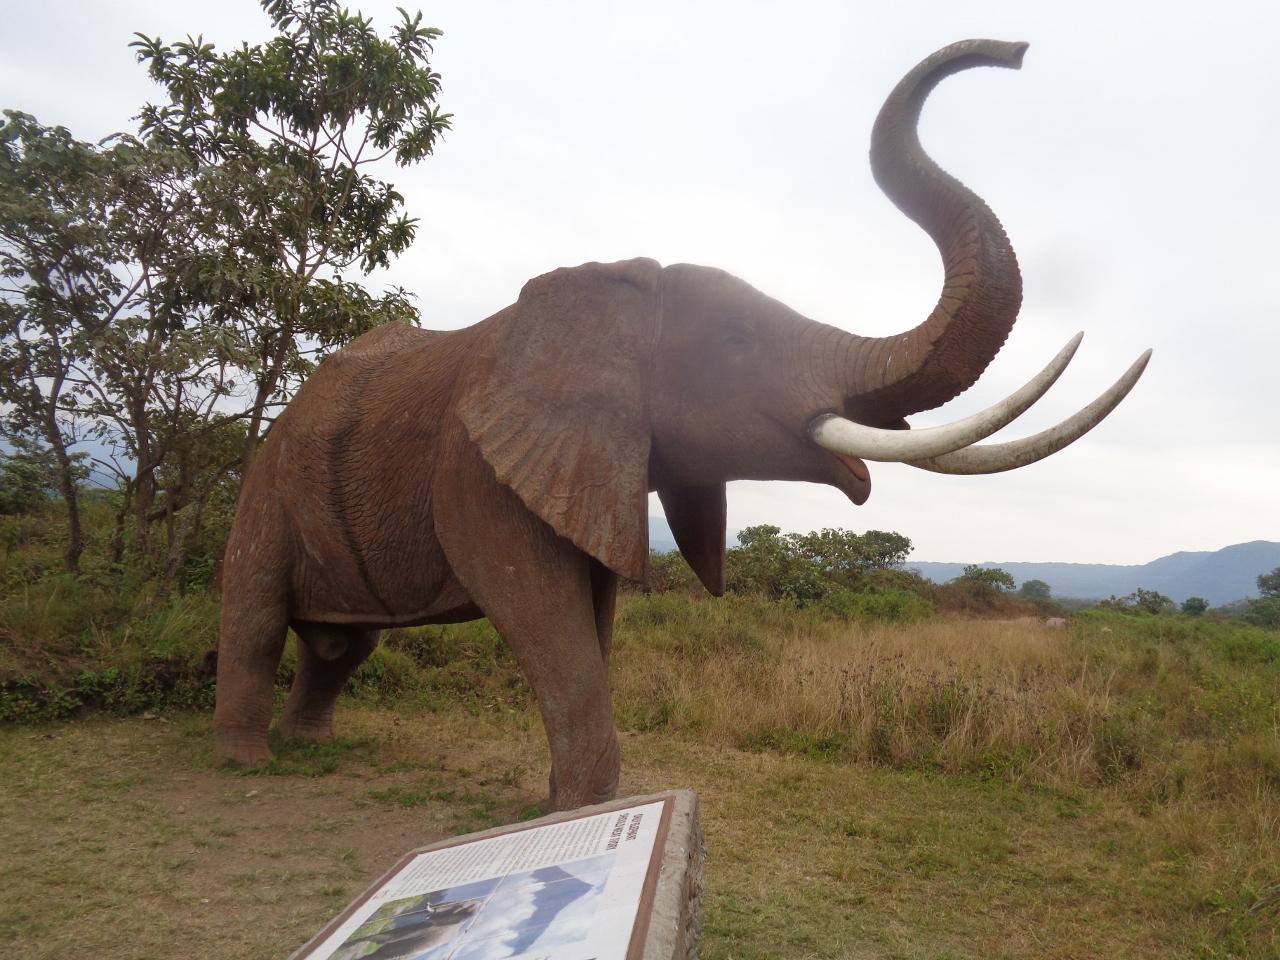 Elephant at entrance of Lake Arusha Naional Park Copyright Rupi Mangat